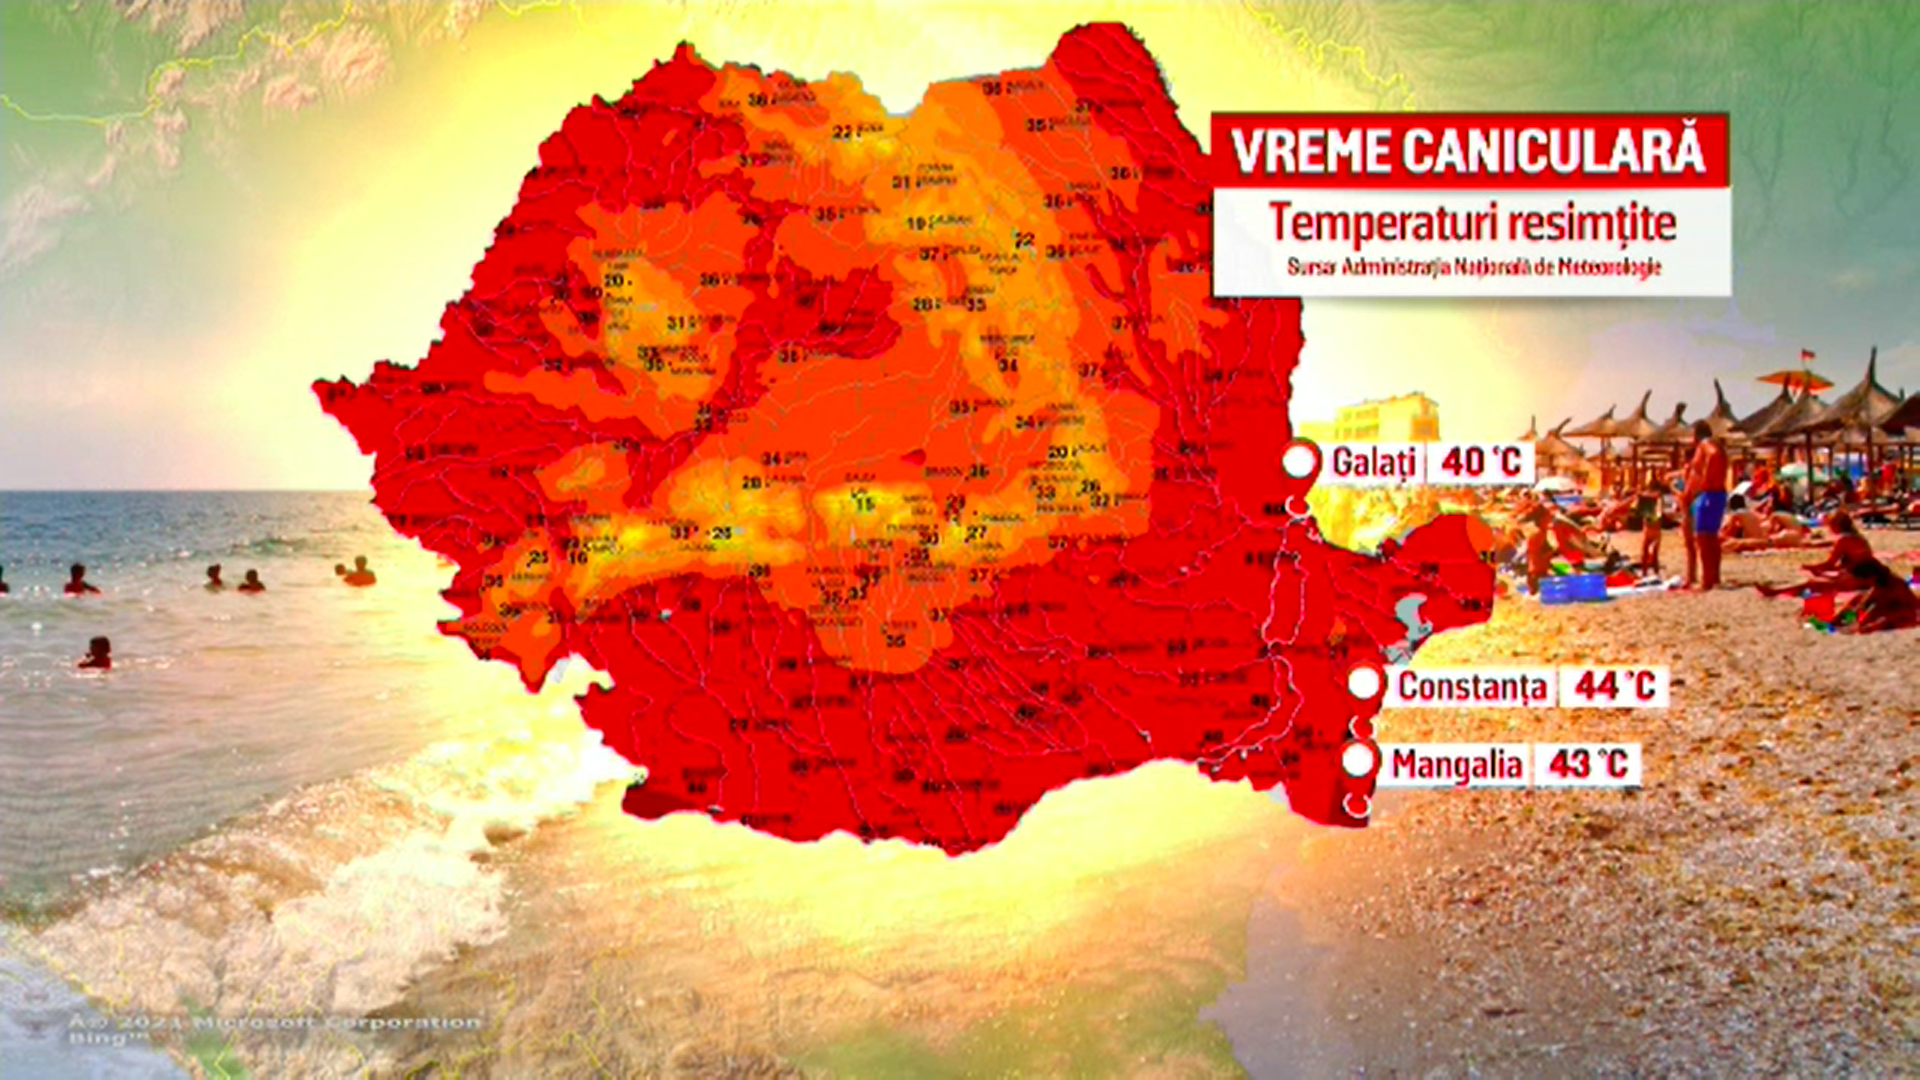 România trece prin zile de foc. Medicii avertizează populația în privința temperaturilor mari